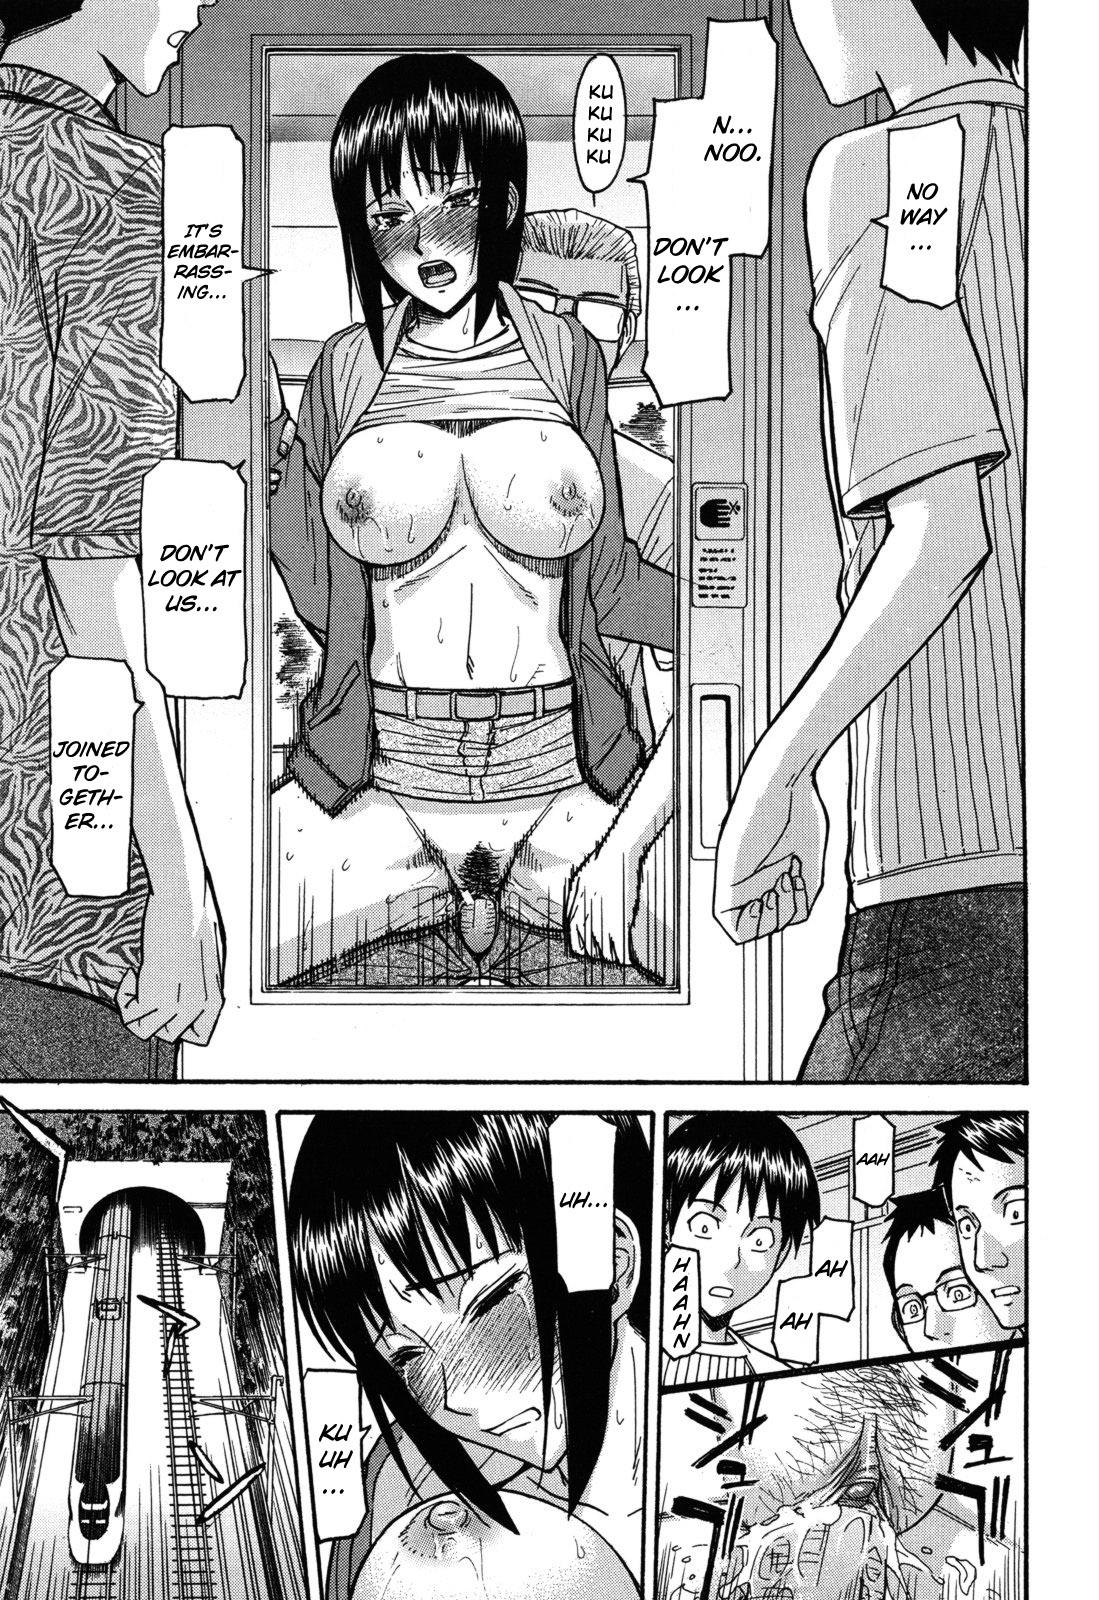 [Inomaru] Hanabira Seito Kaichou Bangaihen ~Kouchou Sensei Saikou no Ichinichi~ | Camellia - Student Council President Hanahira Side Story: Principal-sensei's Best Day Ever [English] {Rookie84} 6